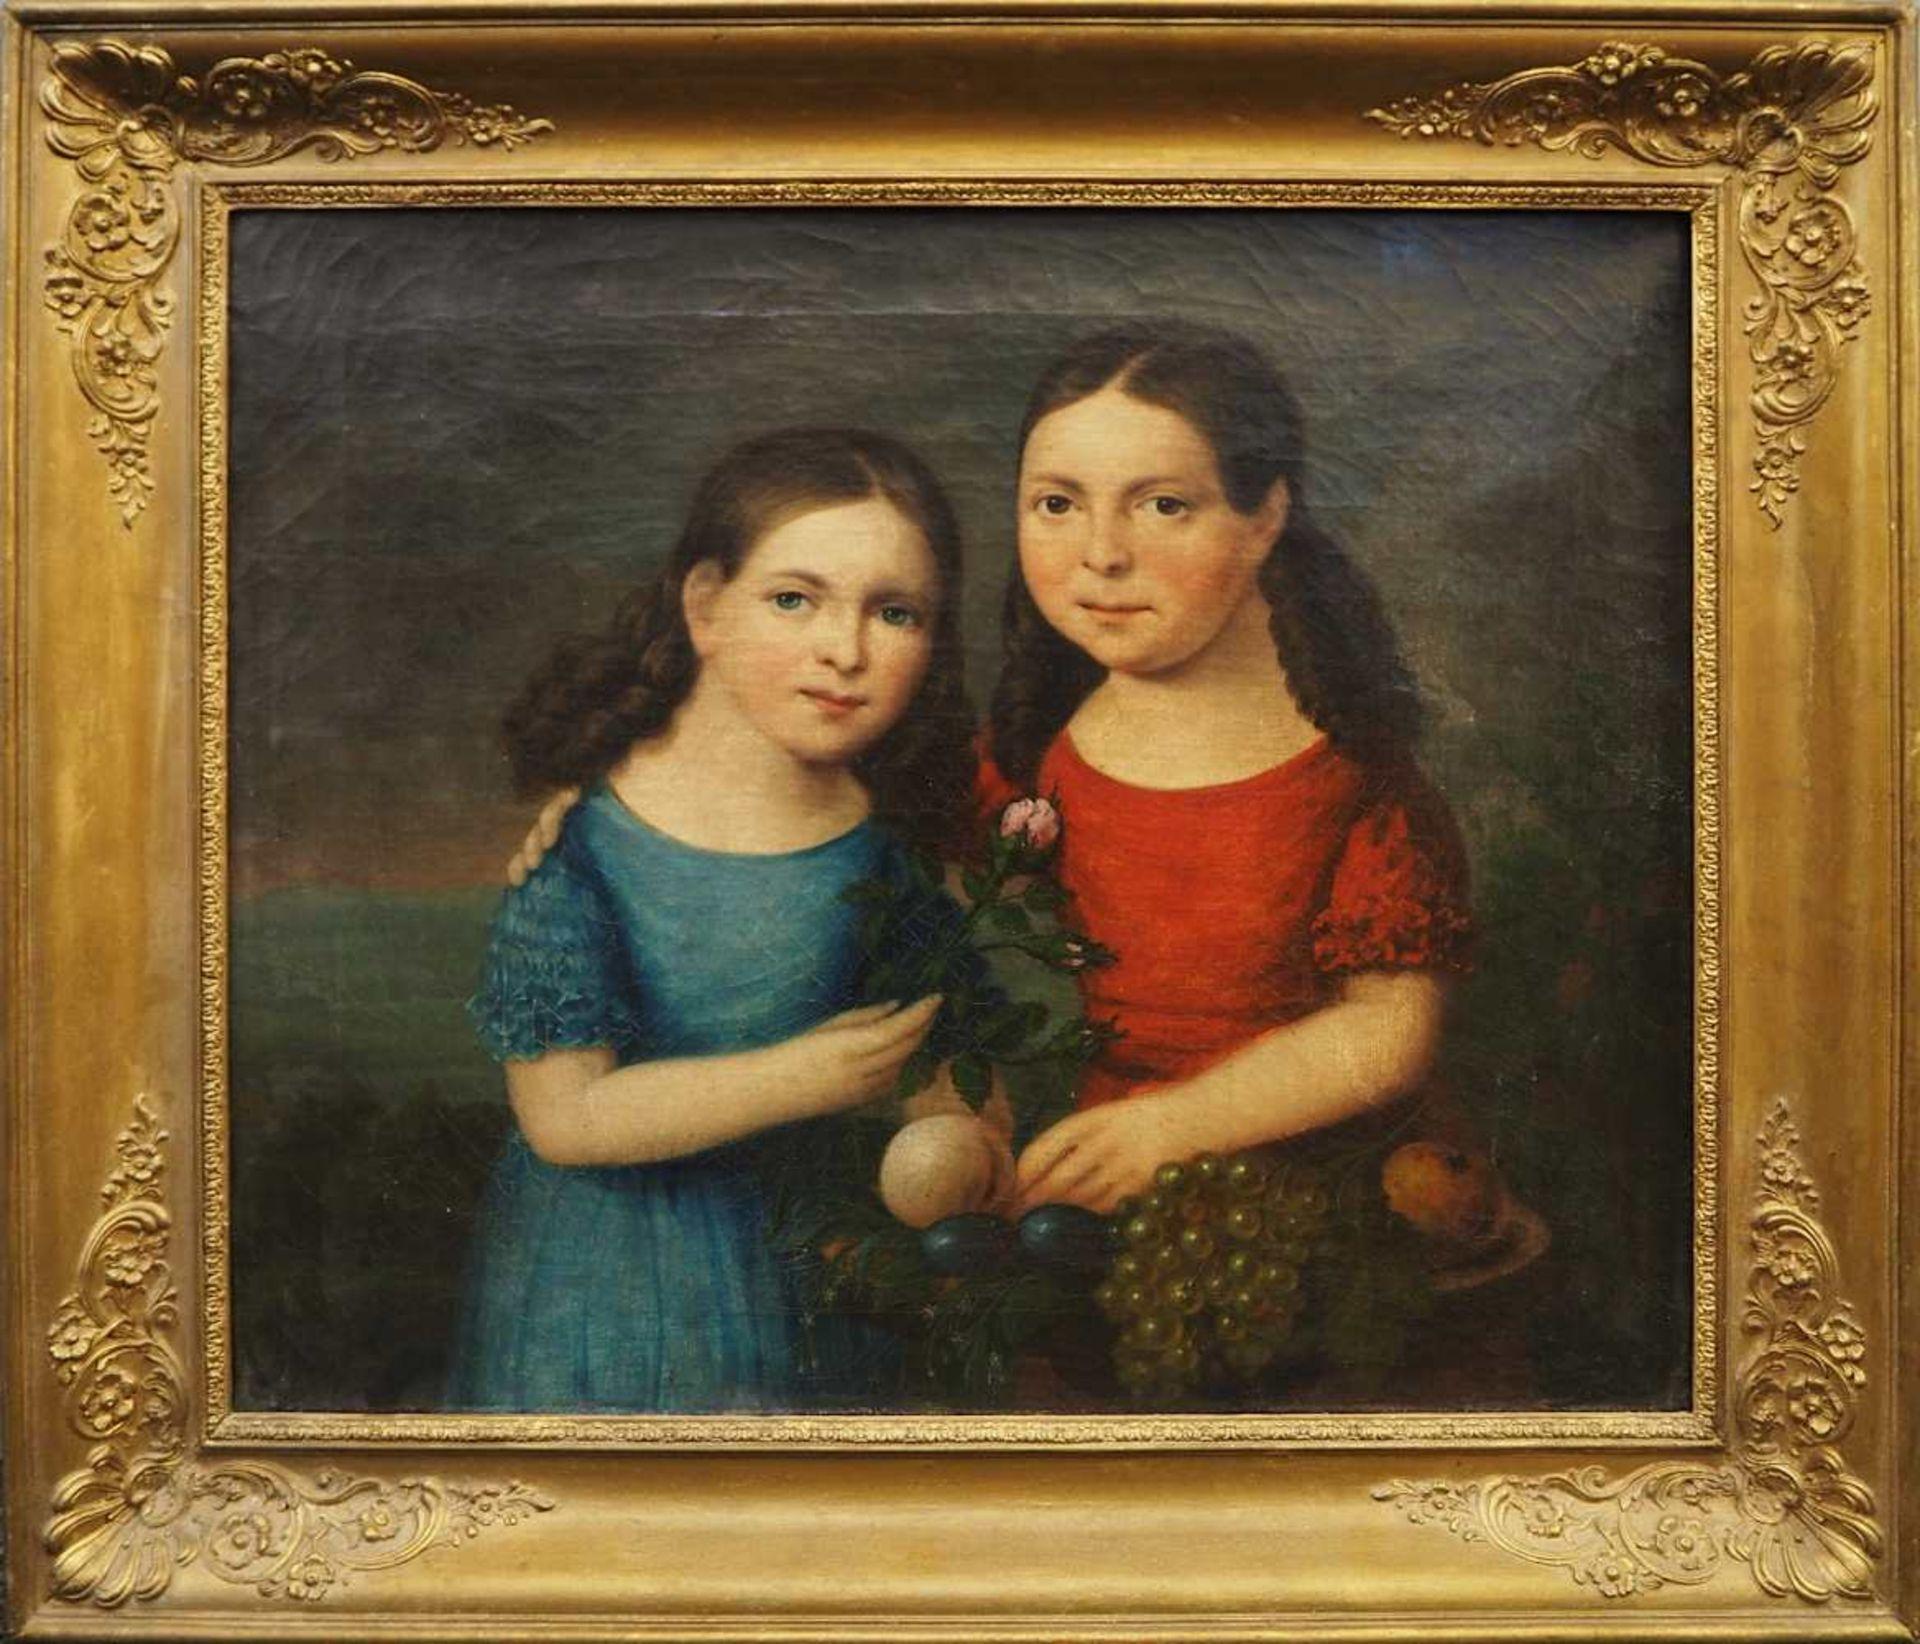 """1 Ölgemälde """"Geschwisterpaar mit Früchtekorb, Vergissmeinnicht und Rose"""" unsign. wohl Biederm - Bild 2 aus 3"""